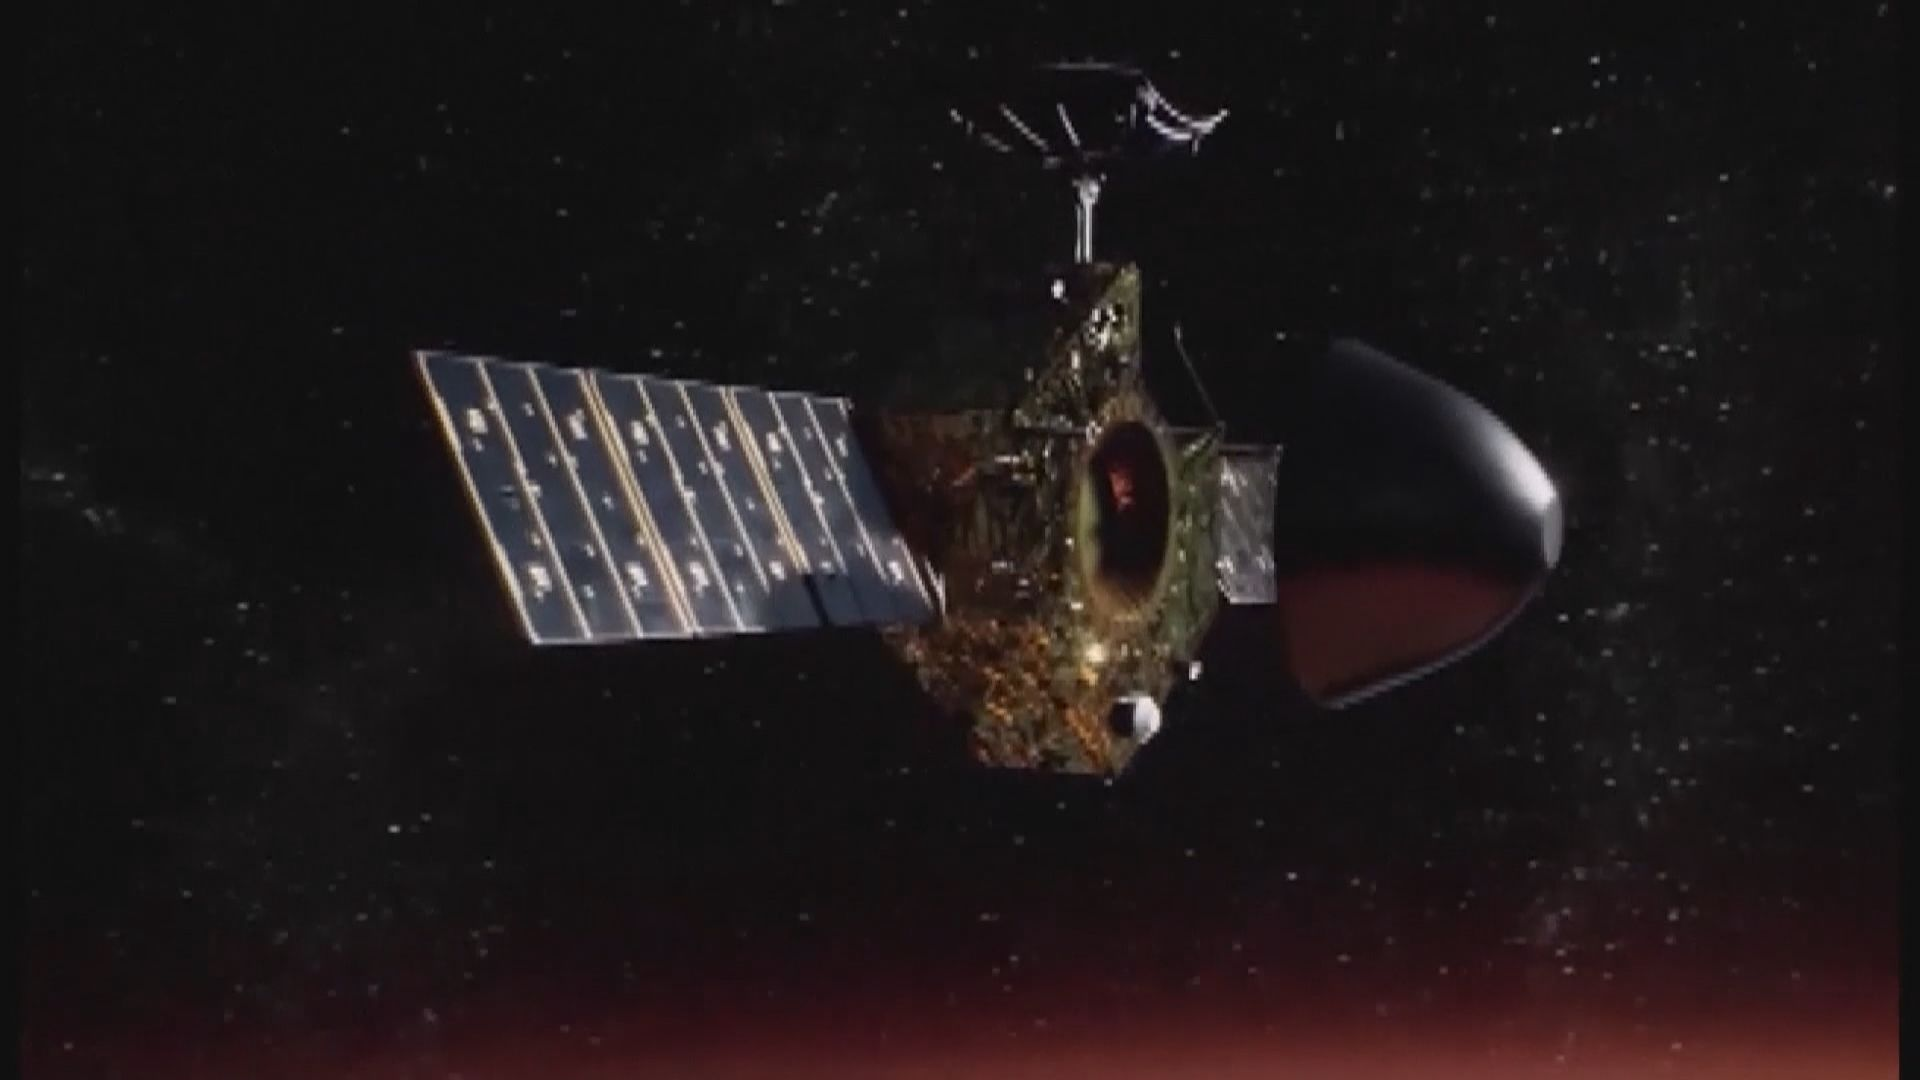 天問一號傳回火星高清影像 為中國首次拍攝近景火星表面圖像